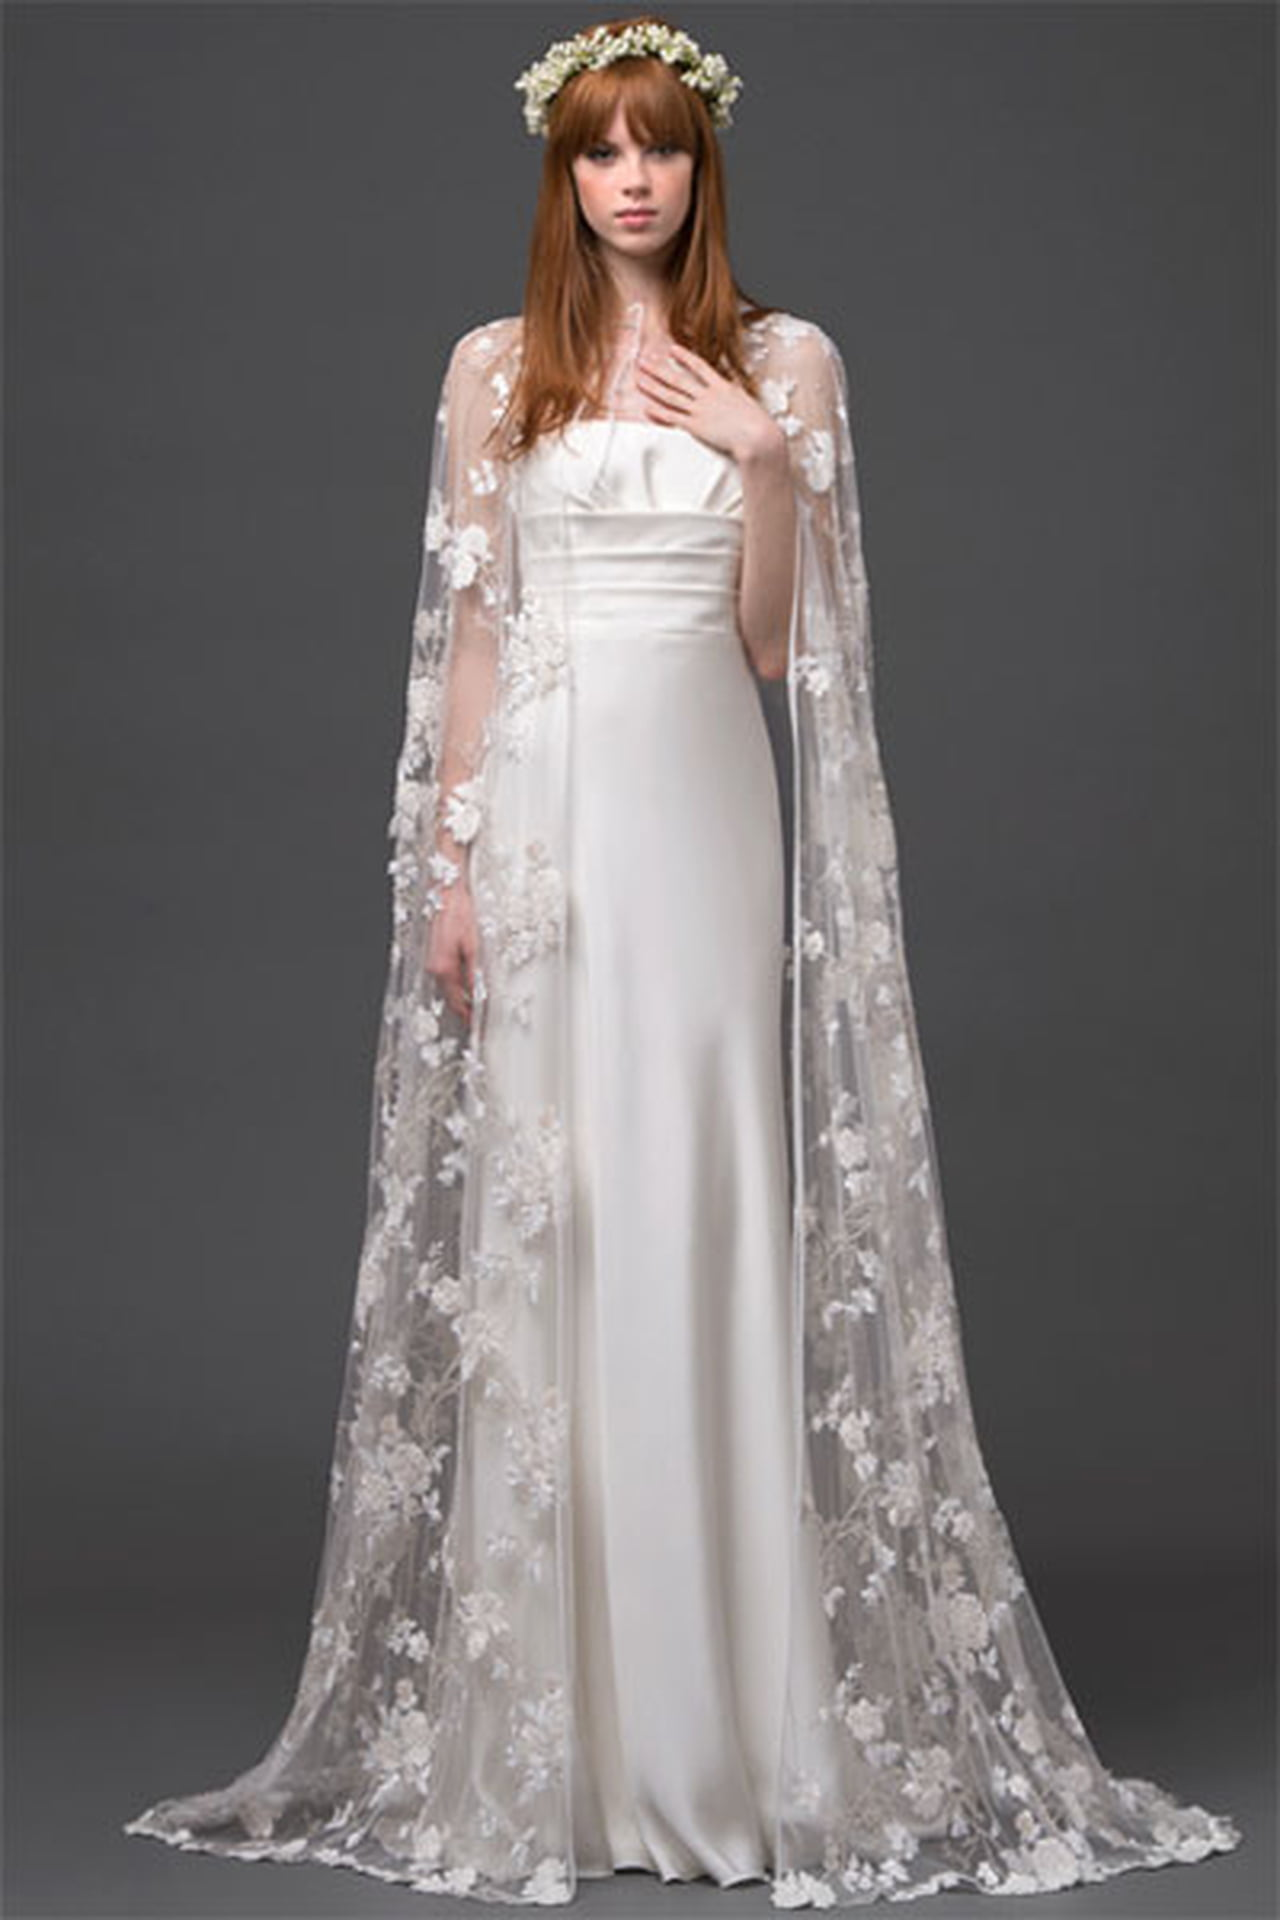 فساتين زفاف البرتا فيريتي 819879